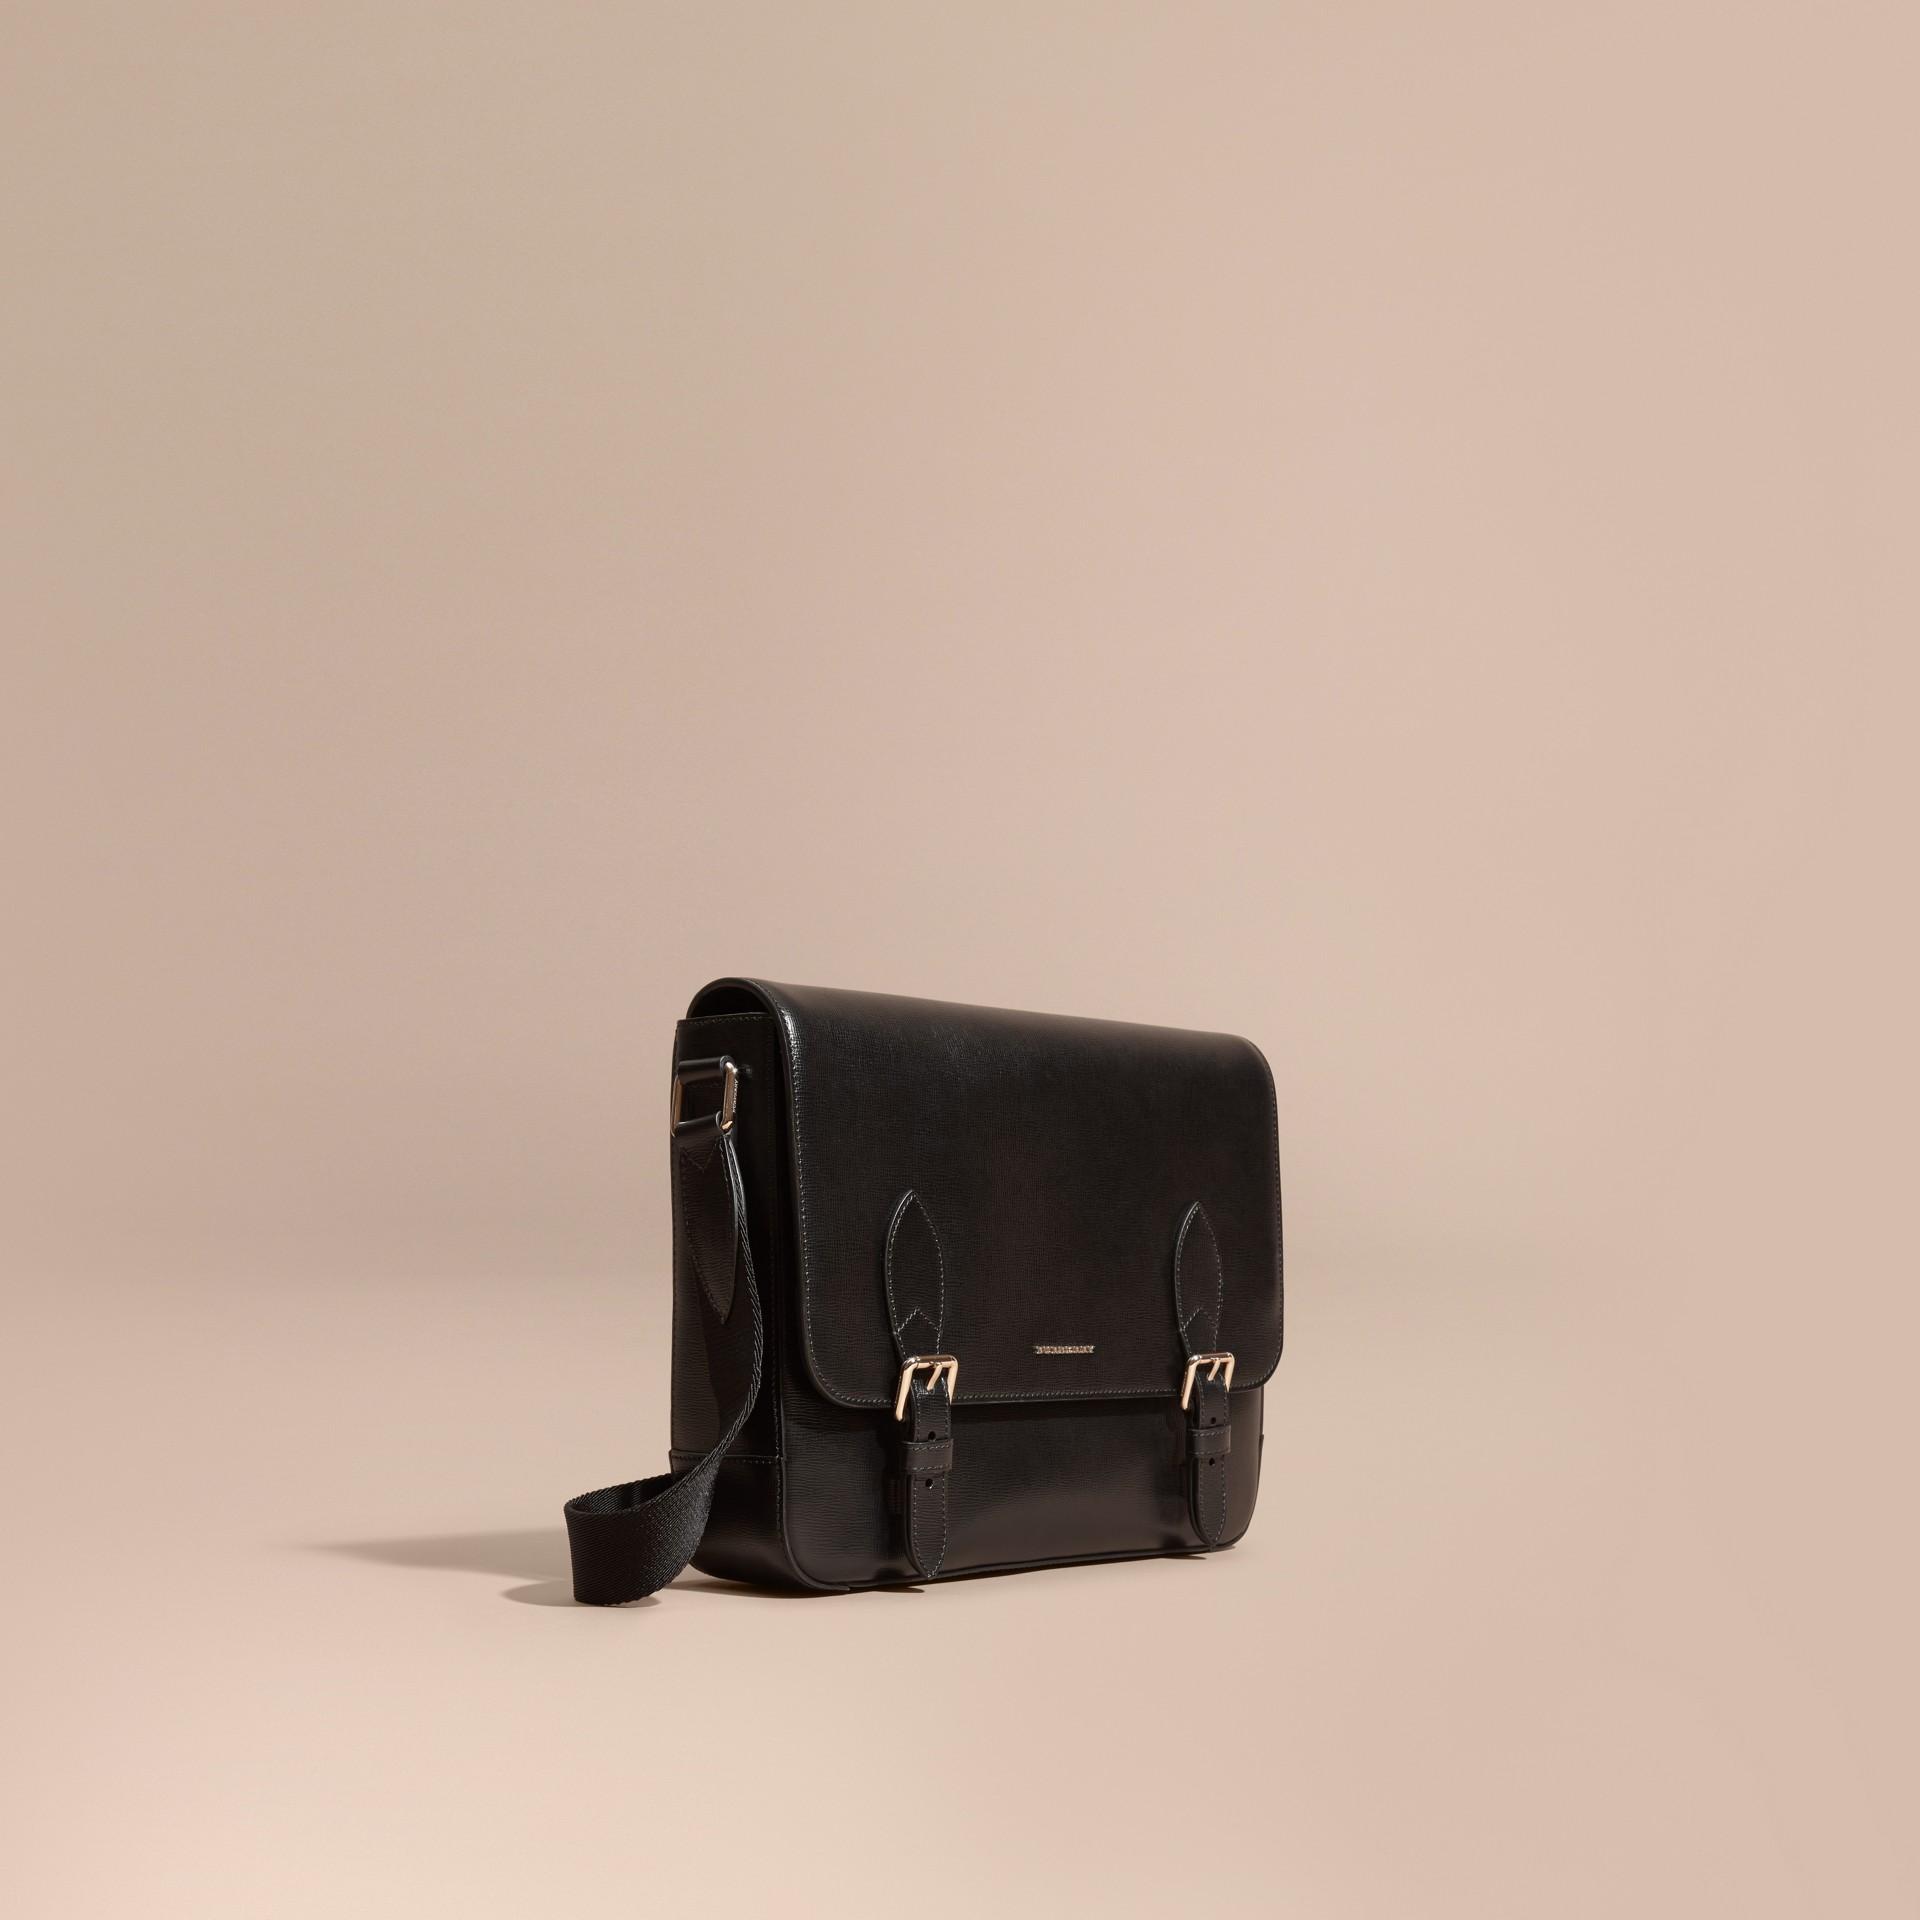 Nero Borsa messenger media in pelle London Nero - immagine della galleria 1